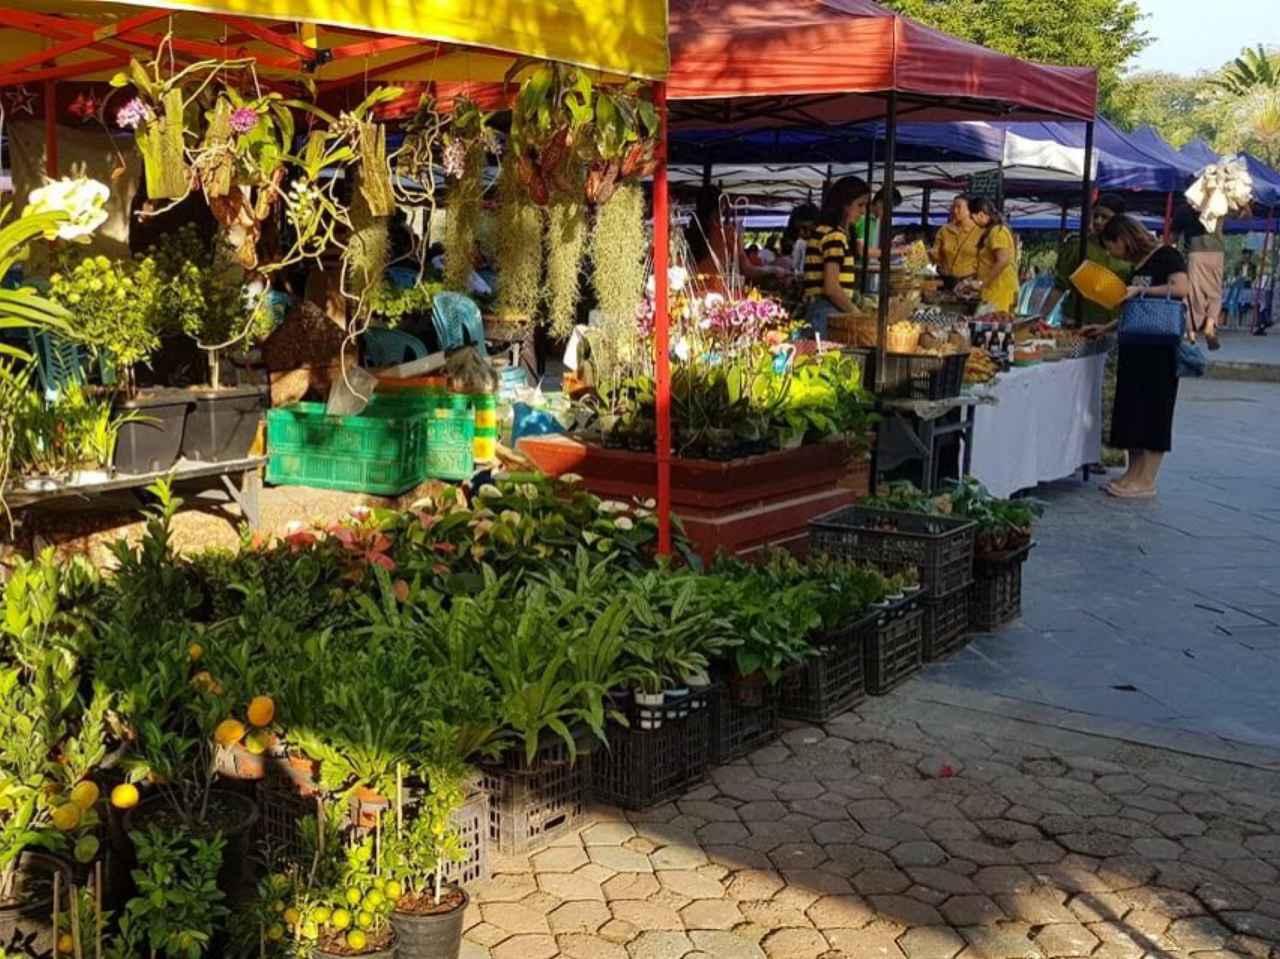 画像: 野菜は、生産者の農家さんが直接売っていてフレッシュでおいしいものばかり。日本では貴重な蘭も数百円で買える身近な存在